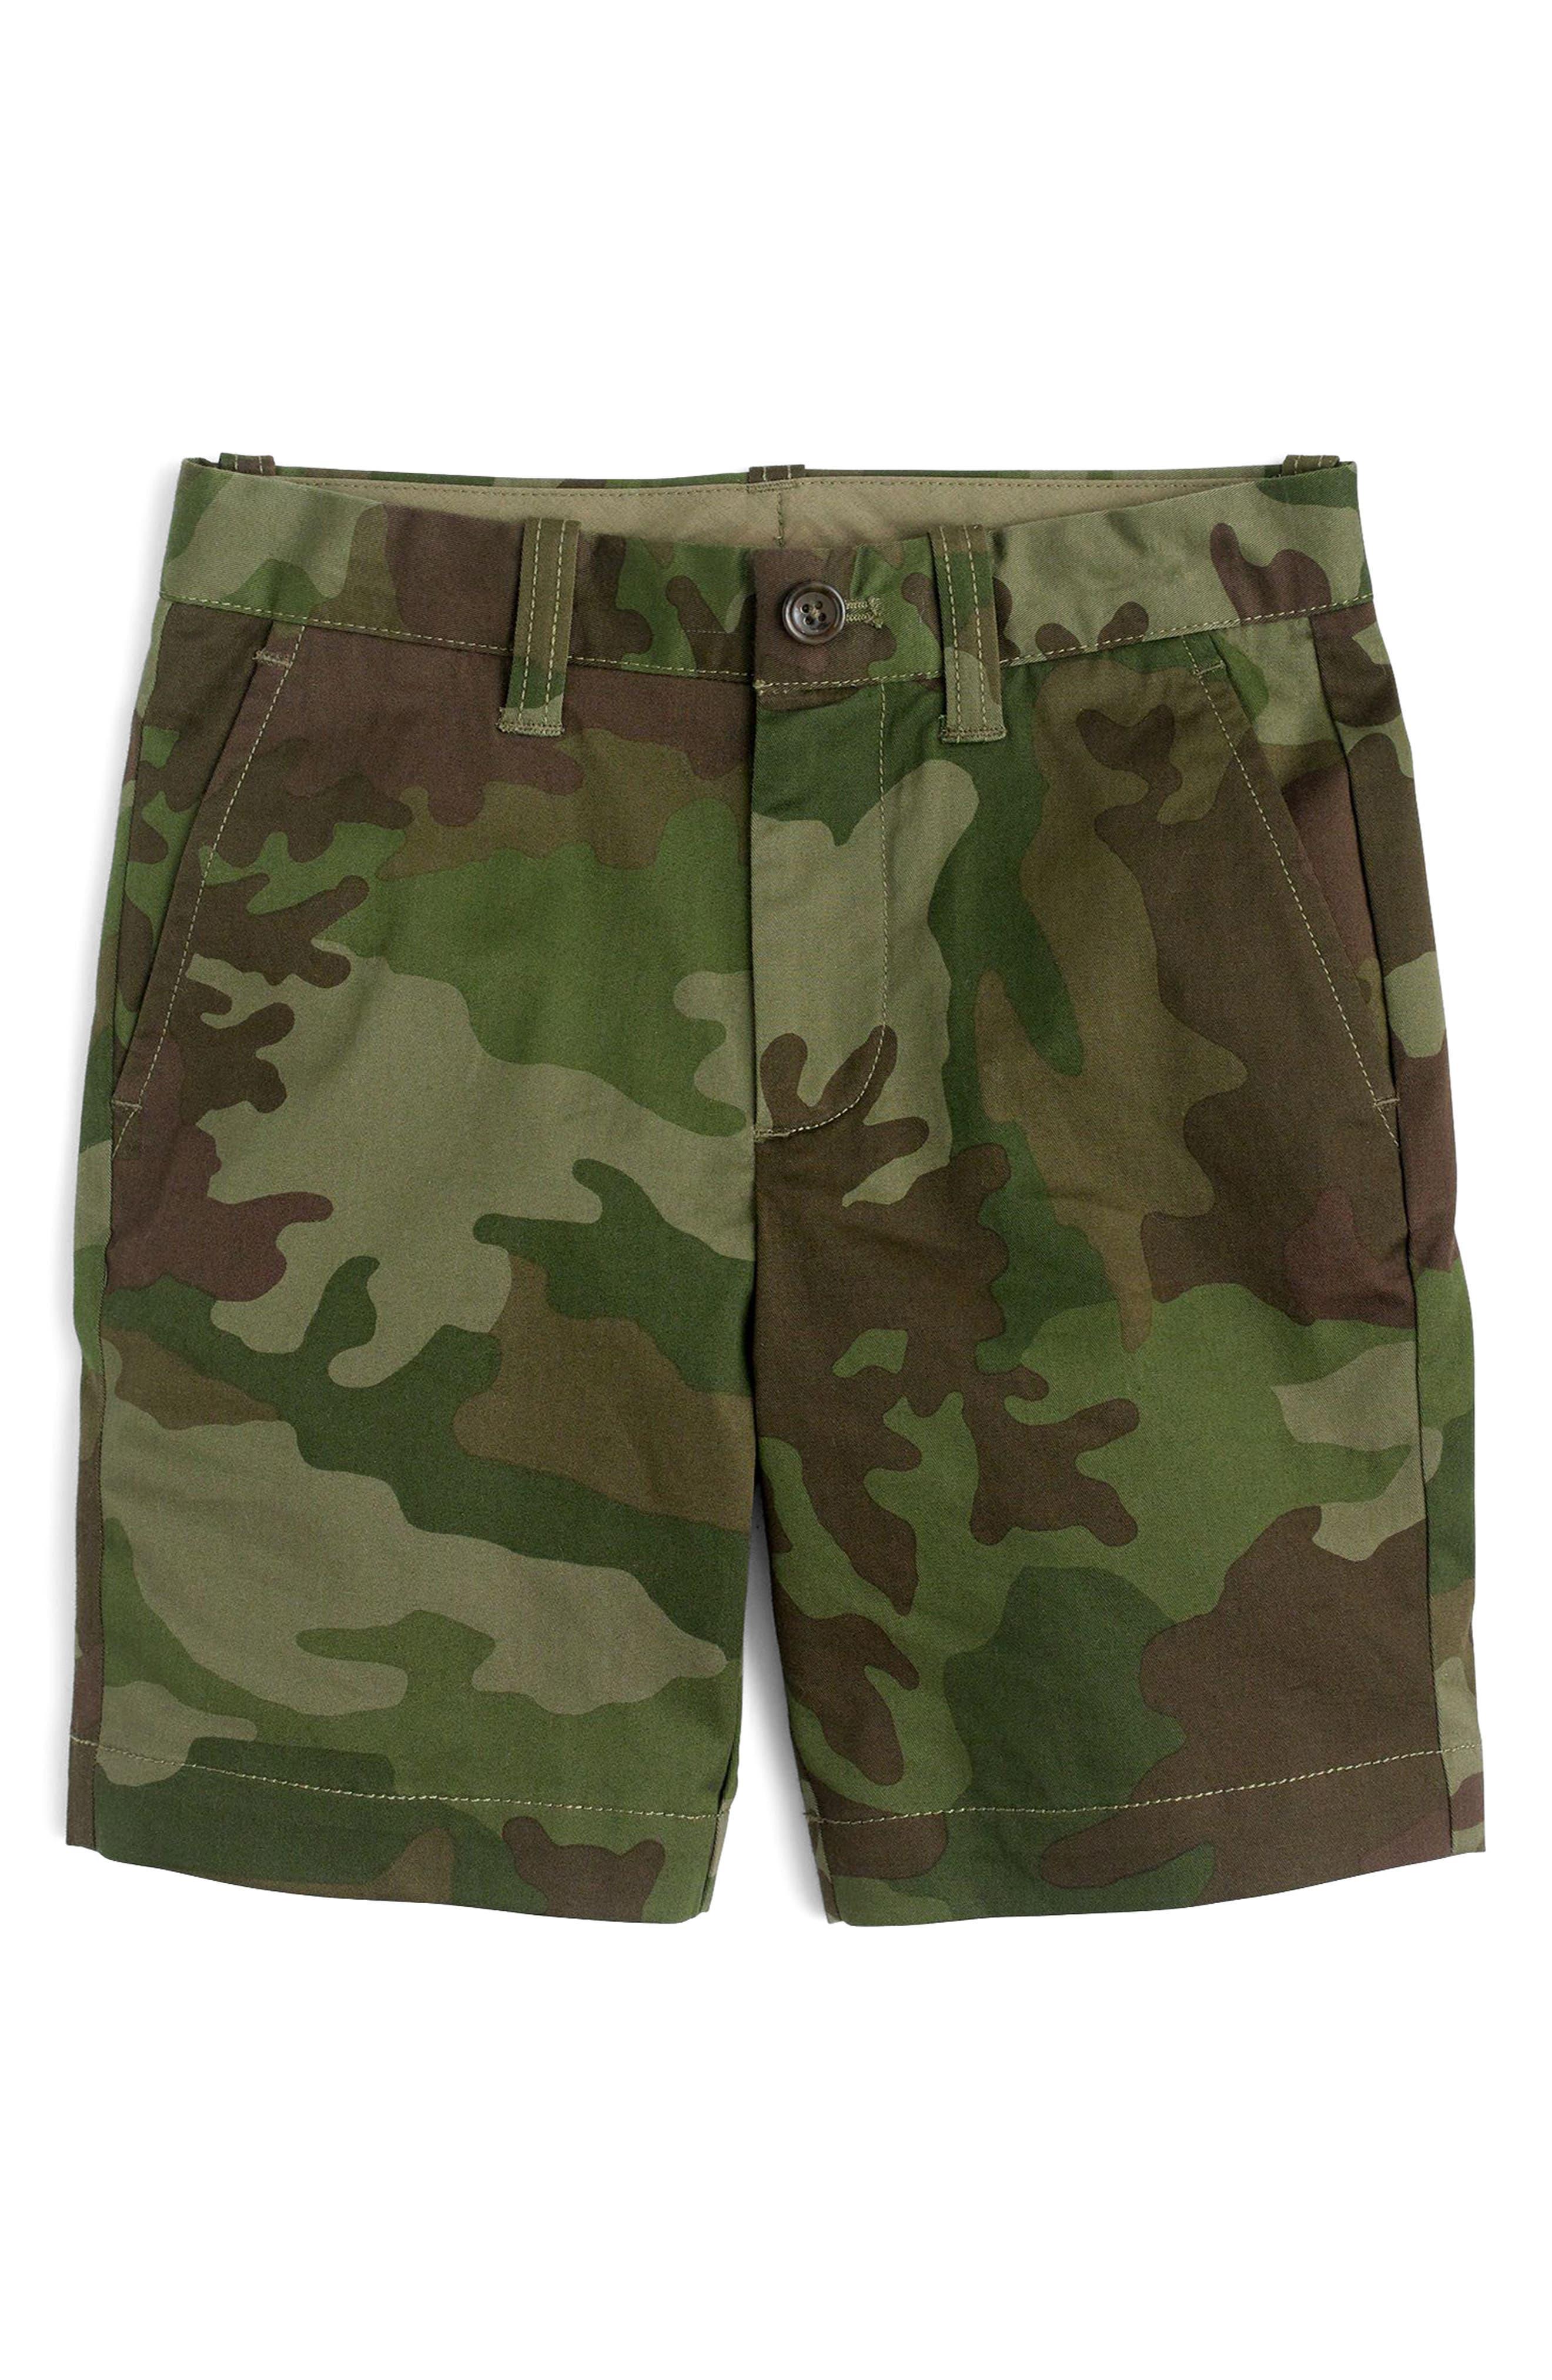 Stanton Camo Shorts,                             Main thumbnail 1, color,                             Camo Multi